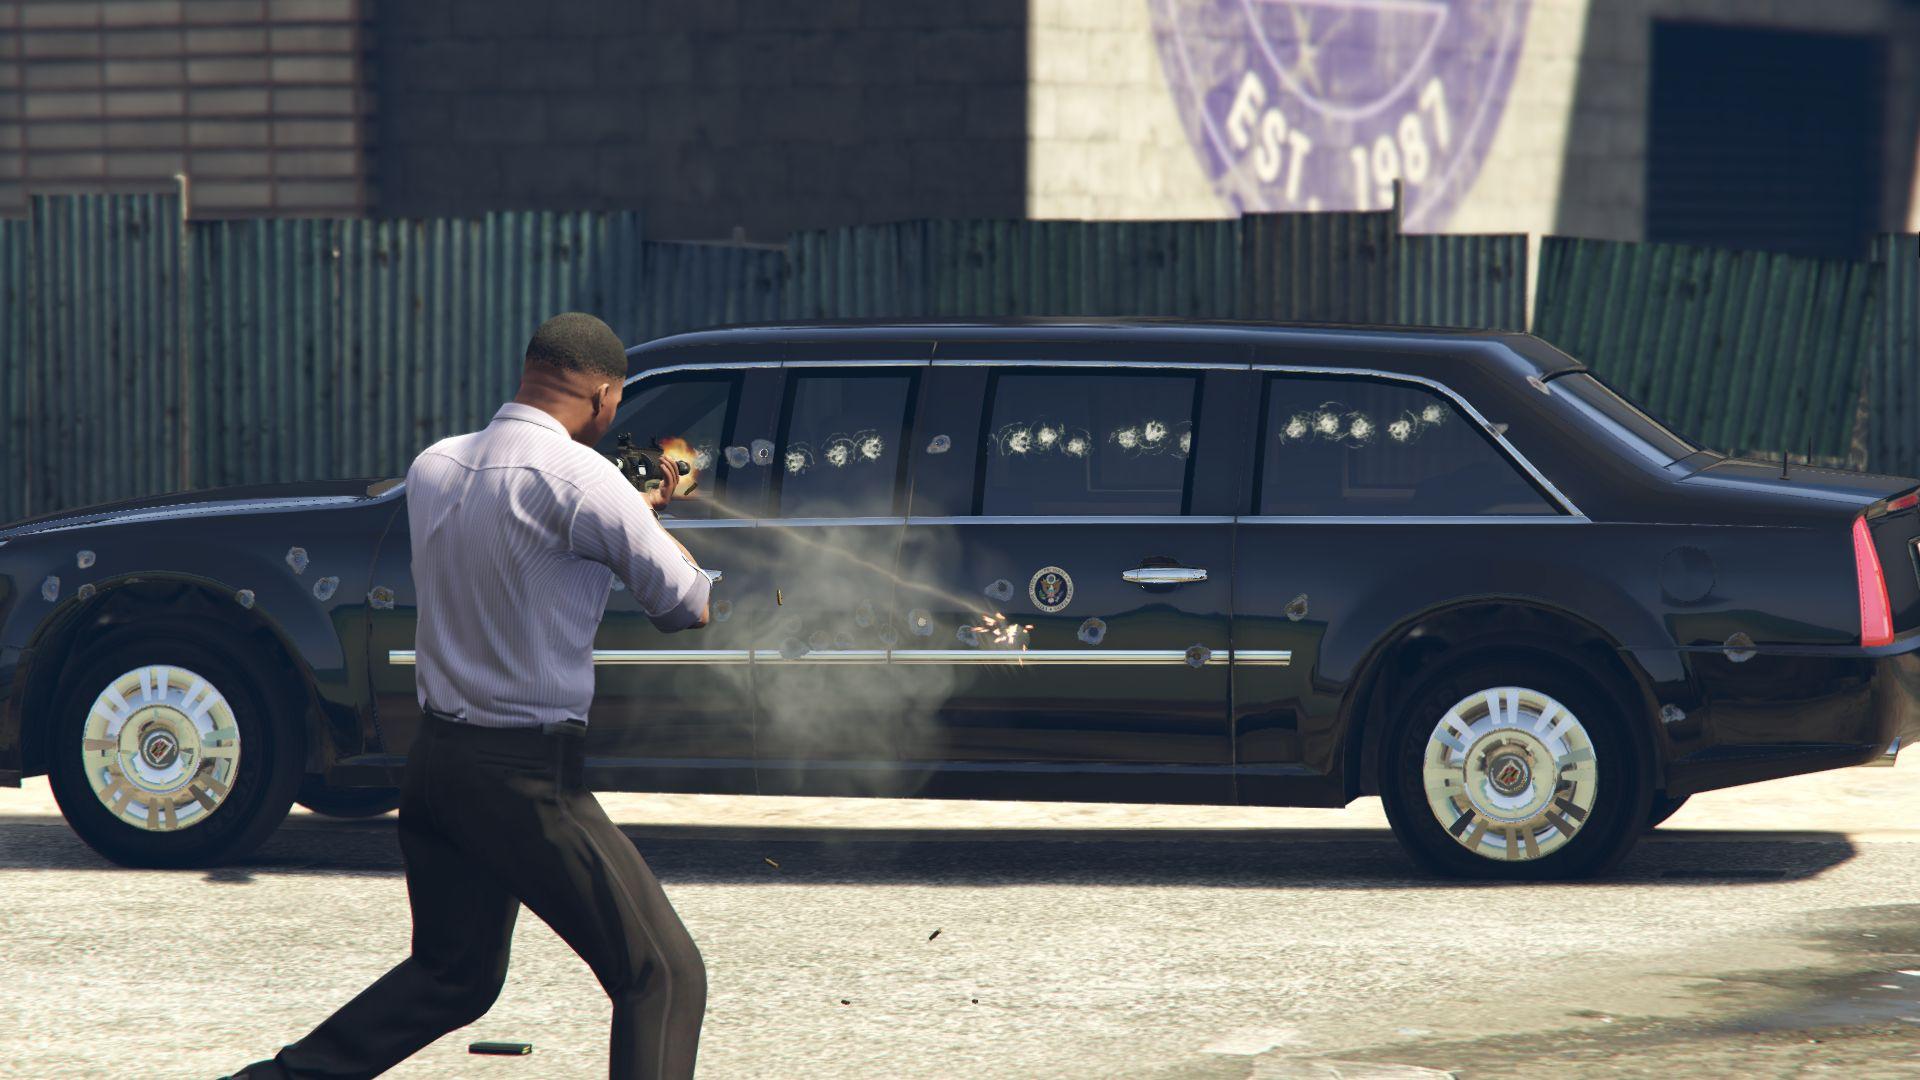 87c427 Grand Theft Auto V Screenshot 2017 12 20 21 54 52 13